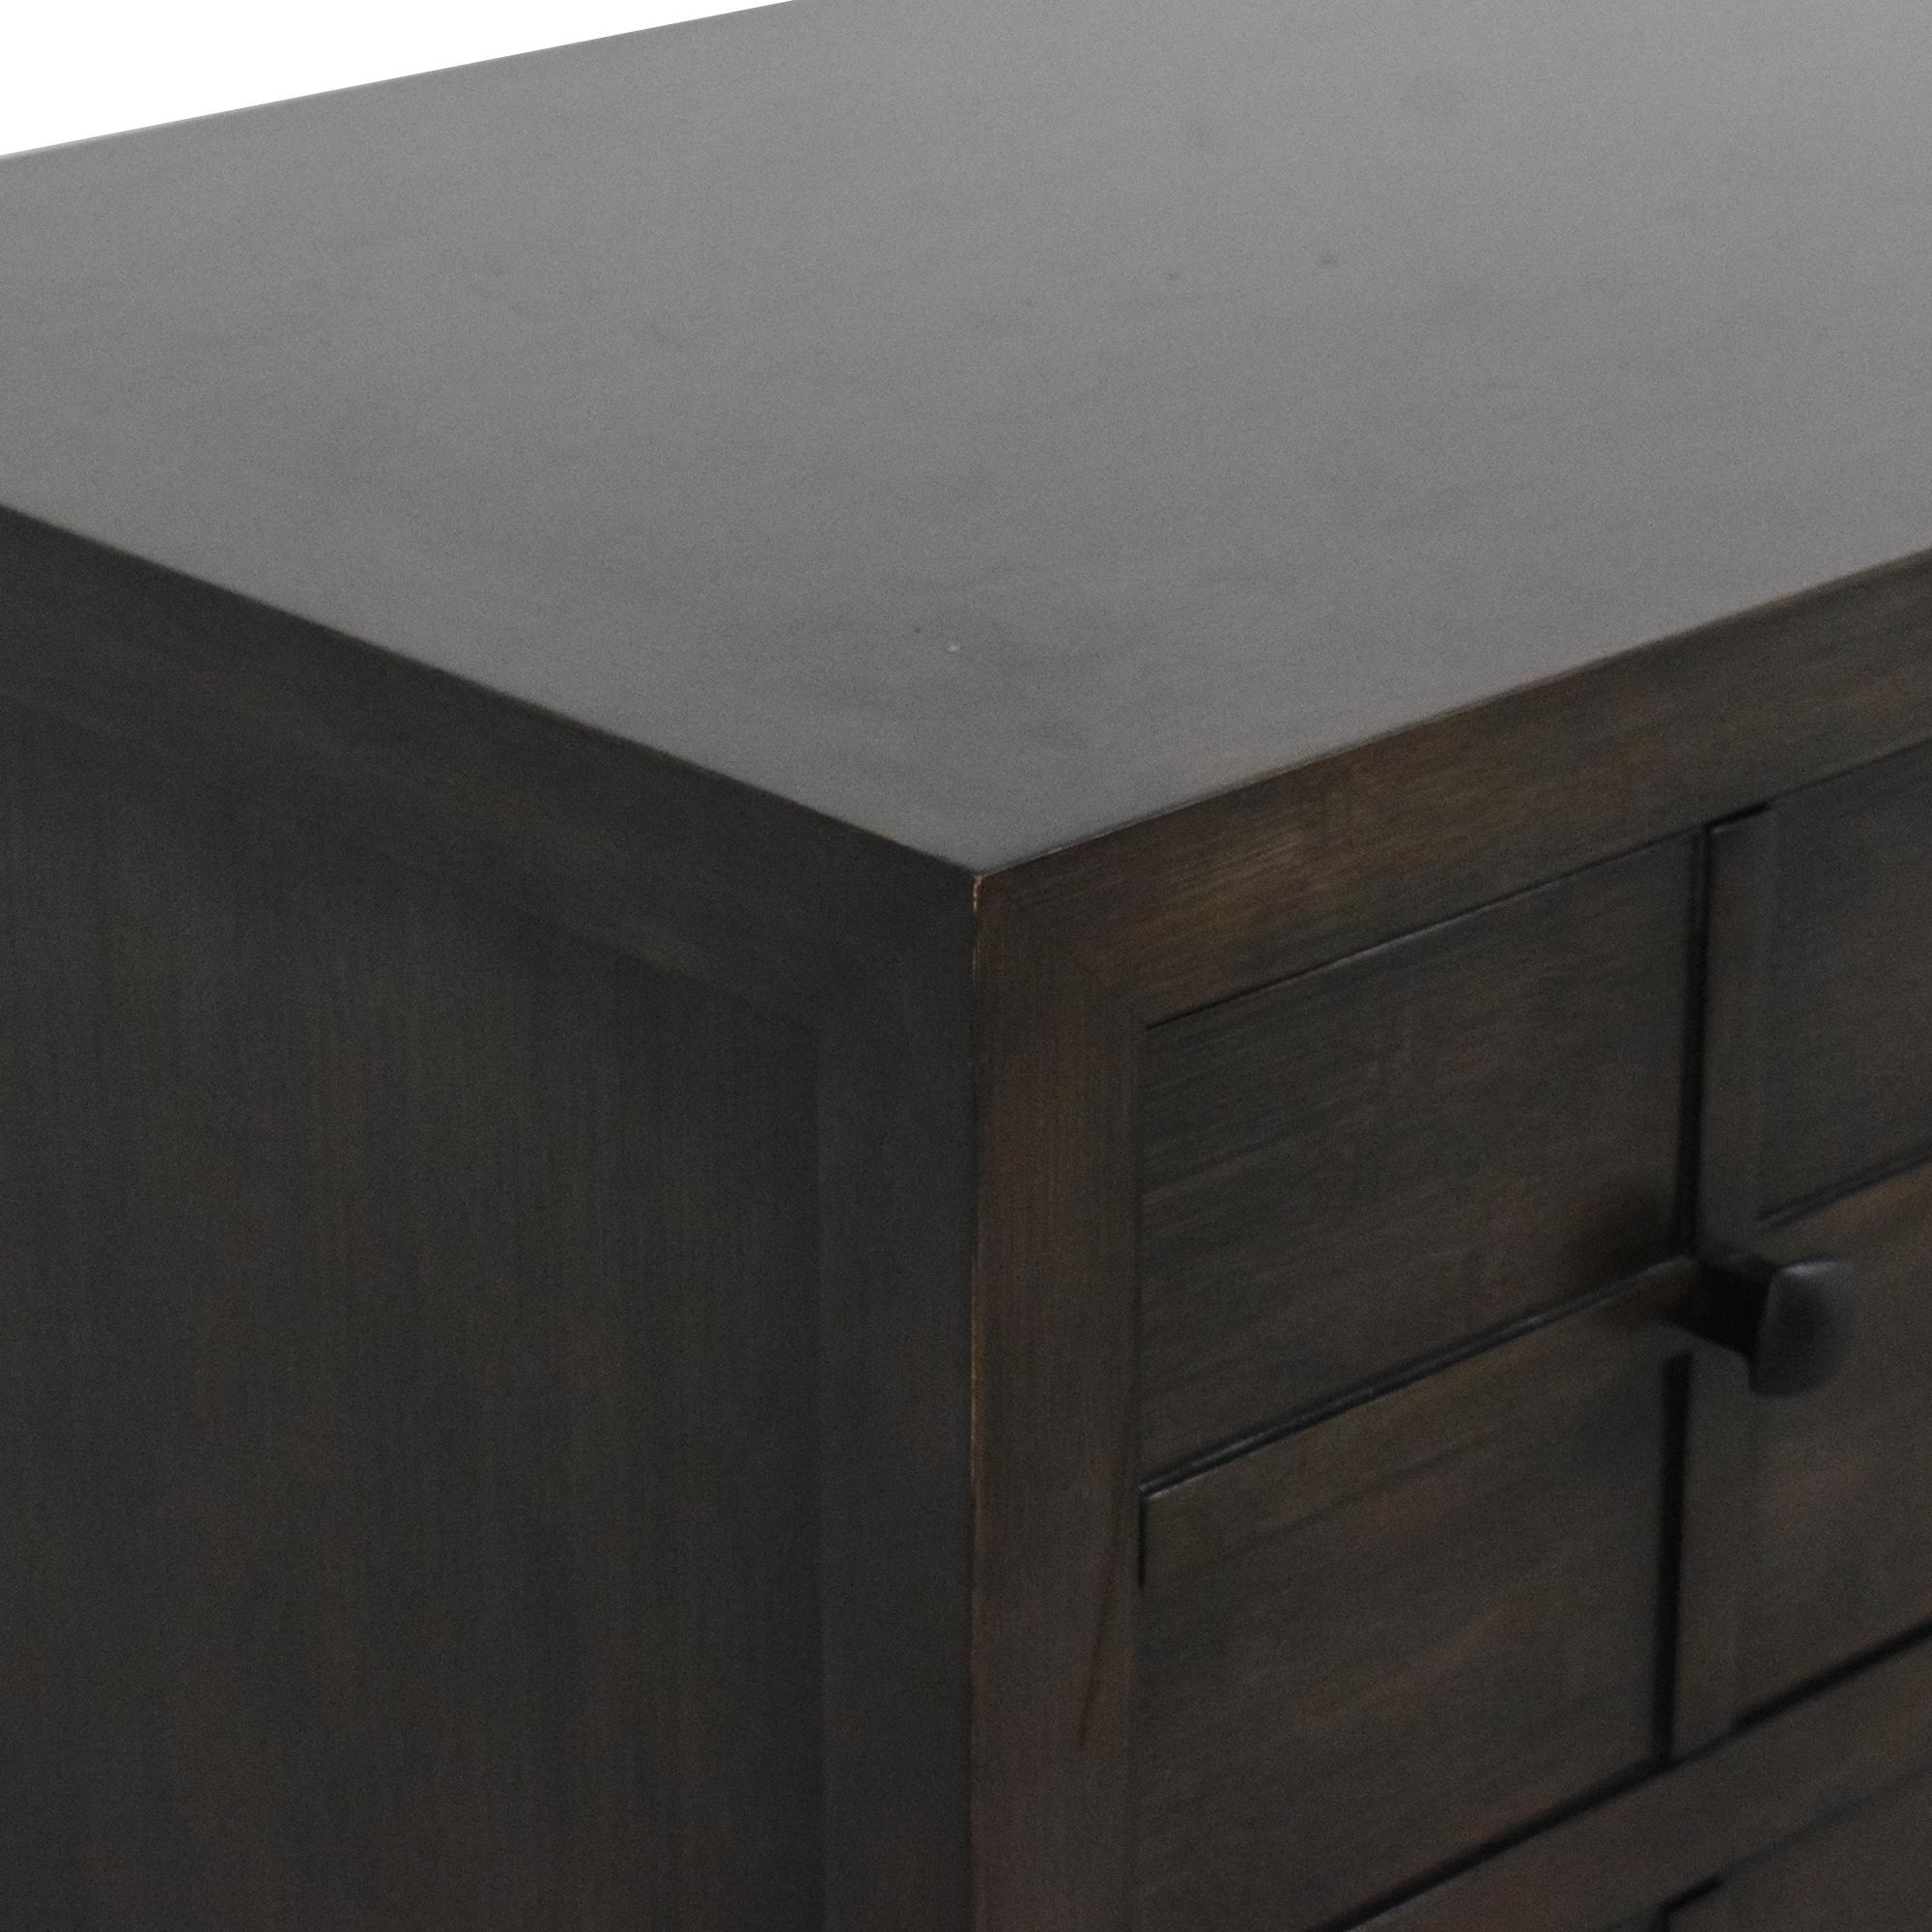 buy Maria Yee for Crate & Barrel Bento Kona Dresser  Crate & Barrel Dressers